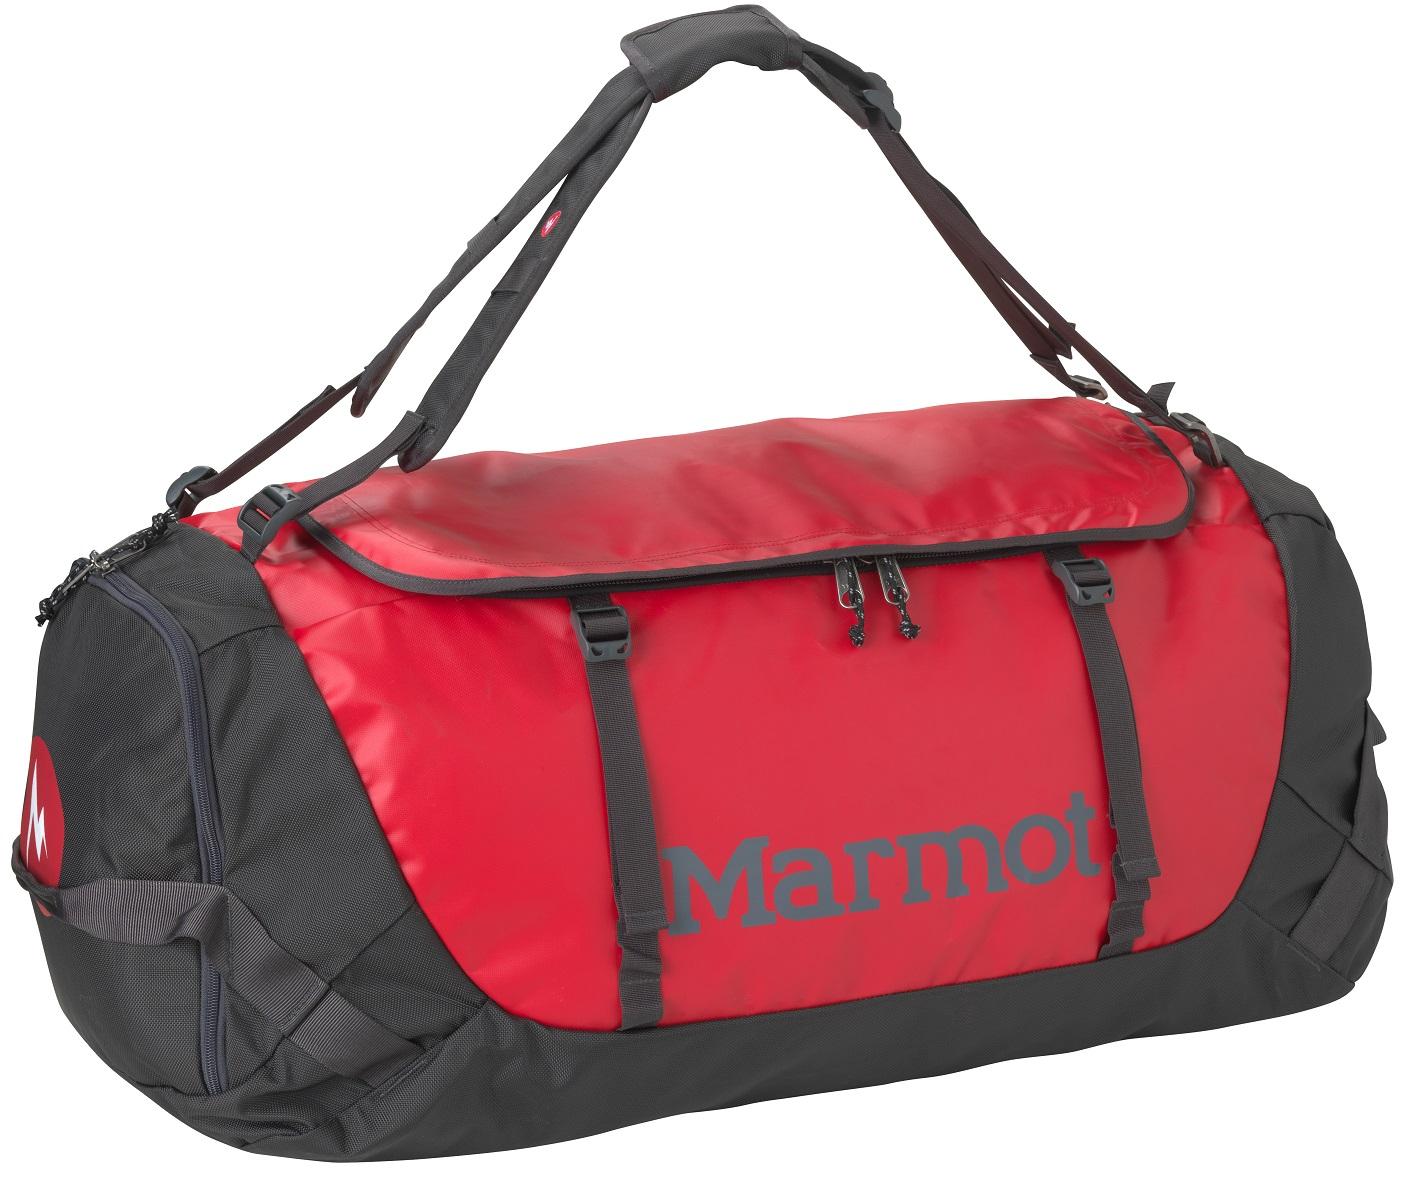 Сумка дорожная Marmot Long Hauler Duffel Bag X Large, цвет: красный, 110 л25250-6281-XL